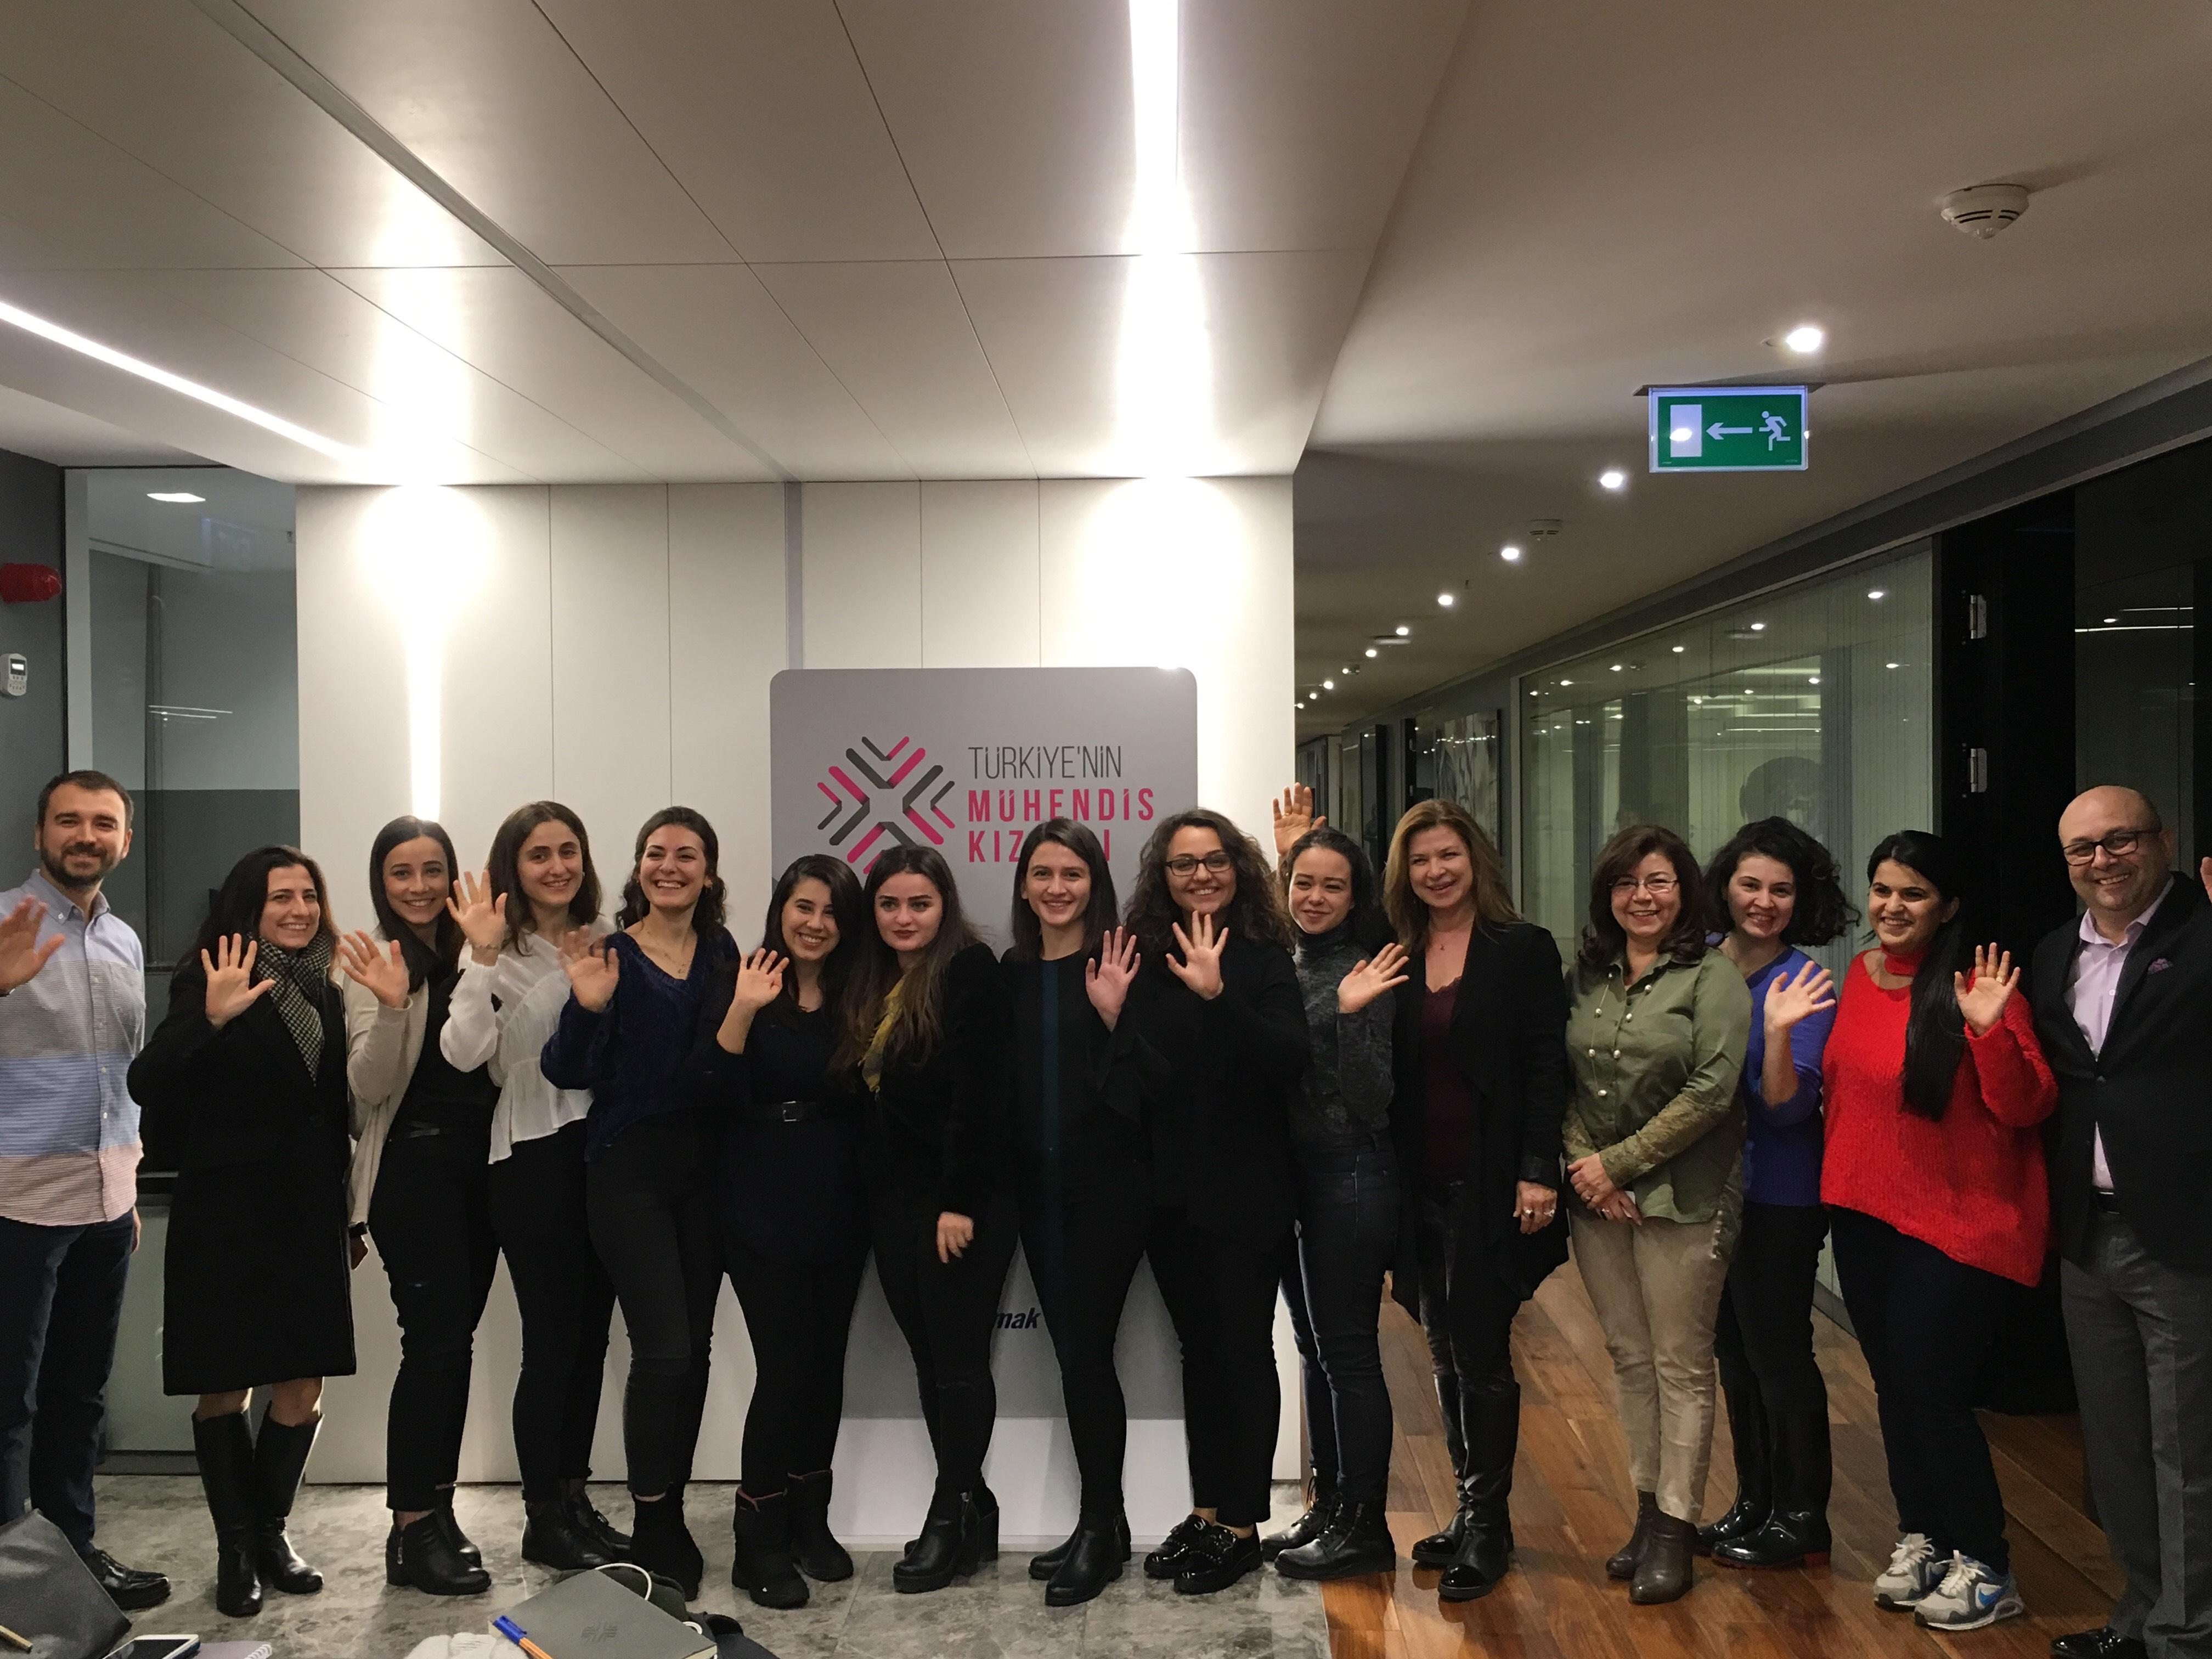 Türkiye'nin Mühendis Kızları  Mentor Eğitimi